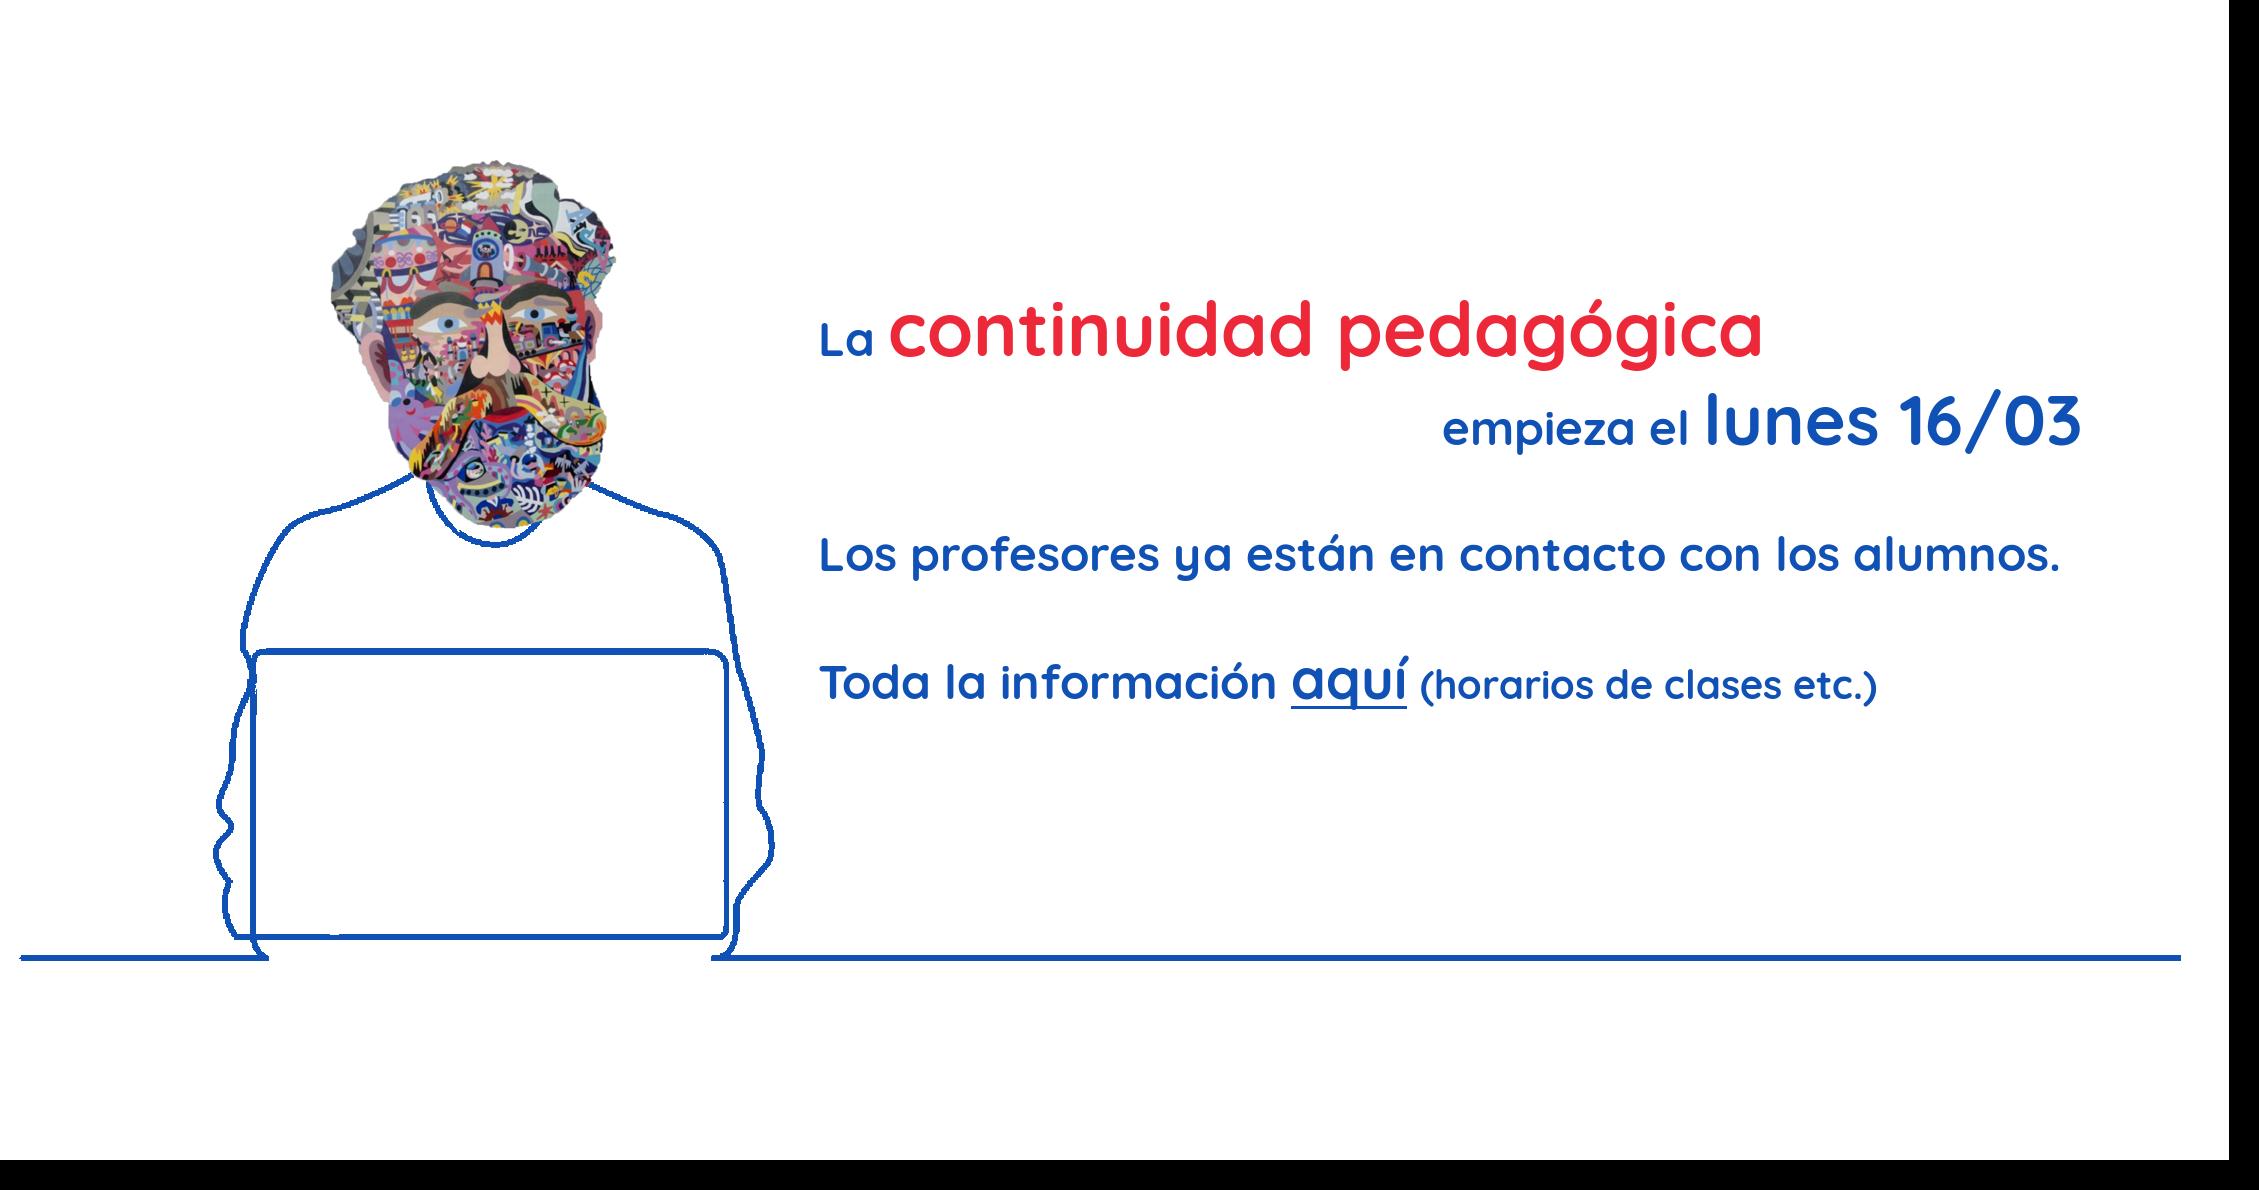 Continuidad pedagógica